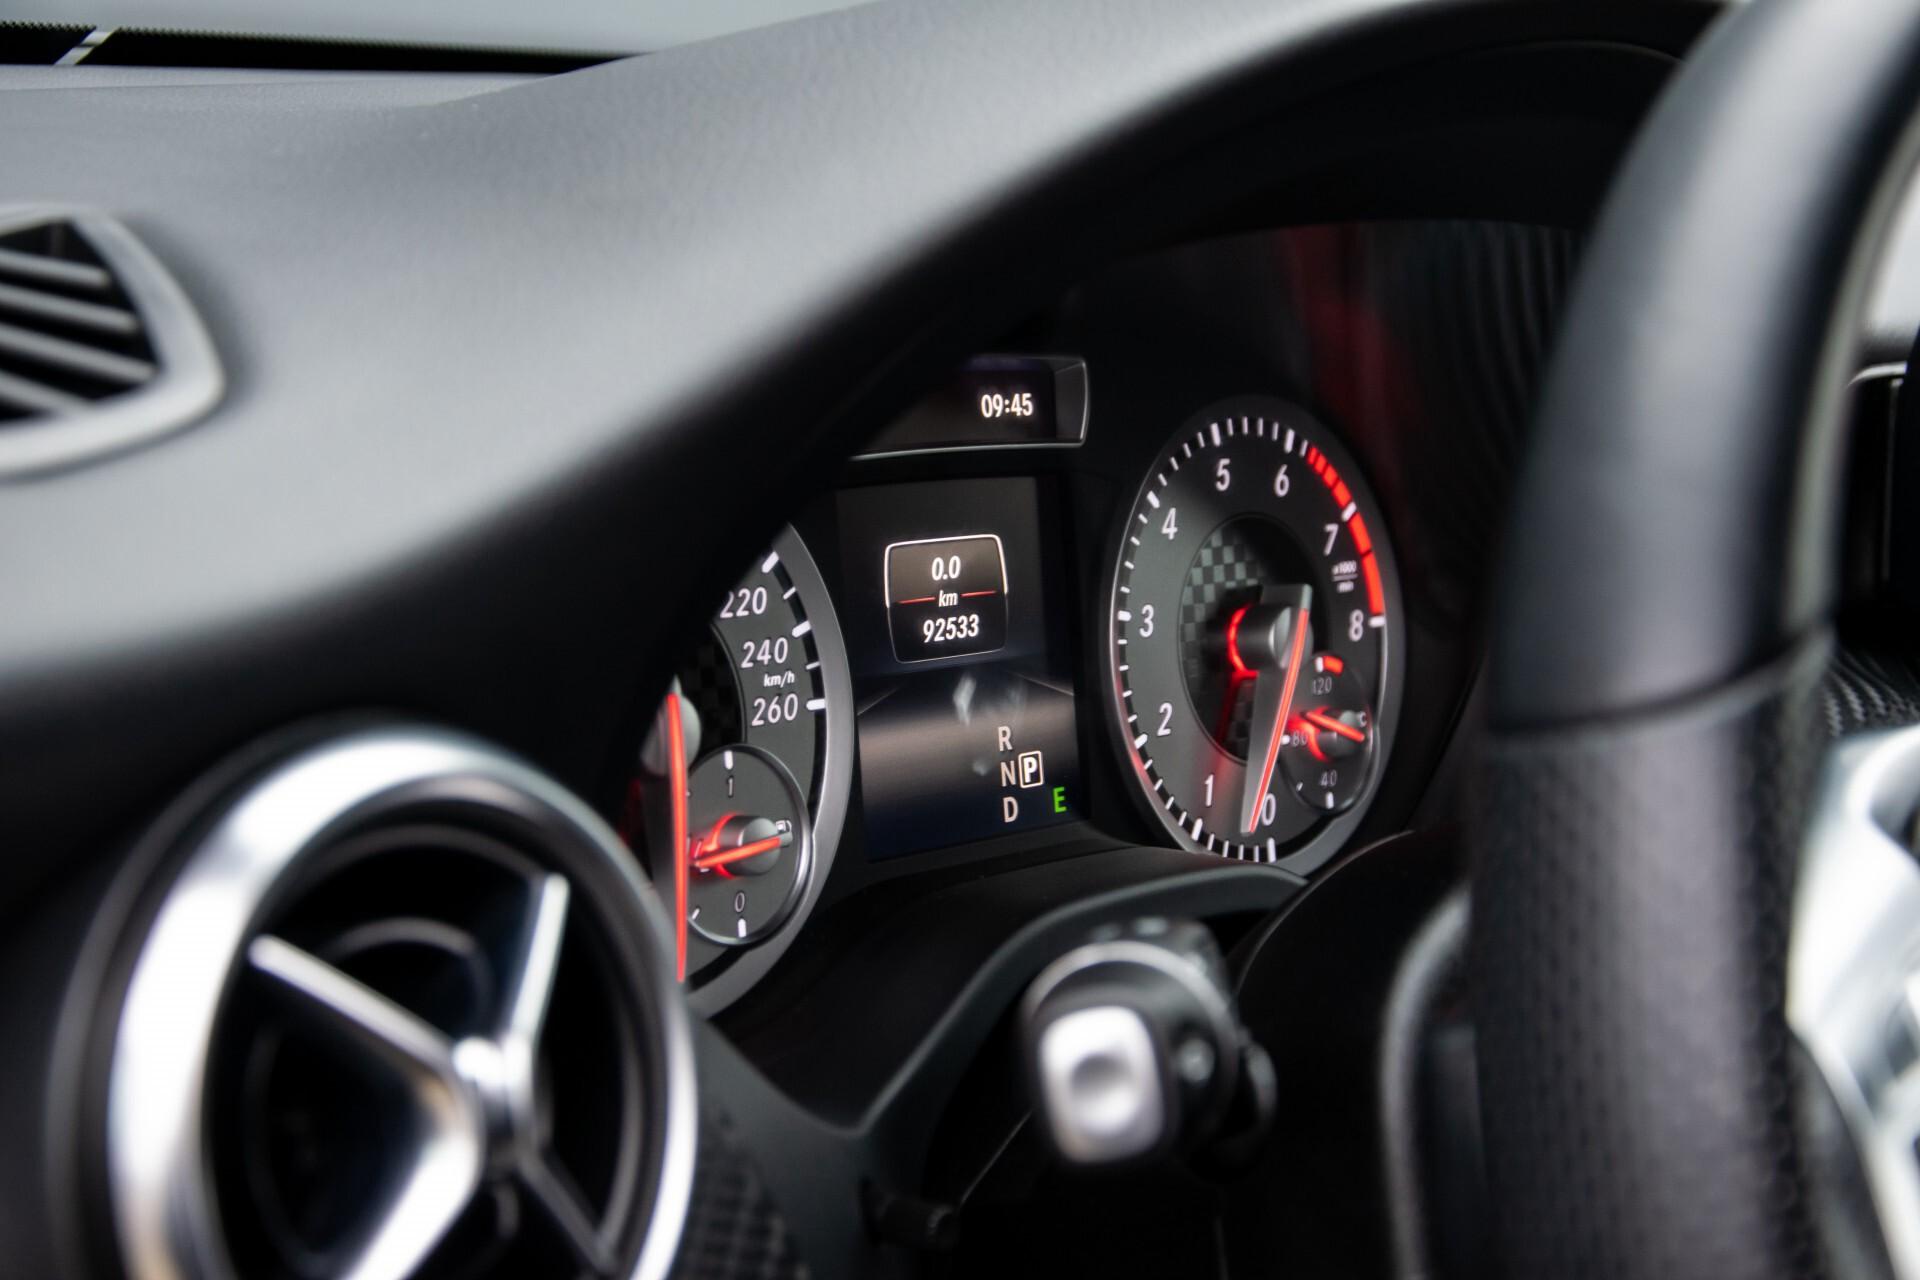 Mercedes-Benz A-Klasse 180 AMG Dynamic Handling/Camera/Xenon/Navi/Privacy Aut7 Foto 39